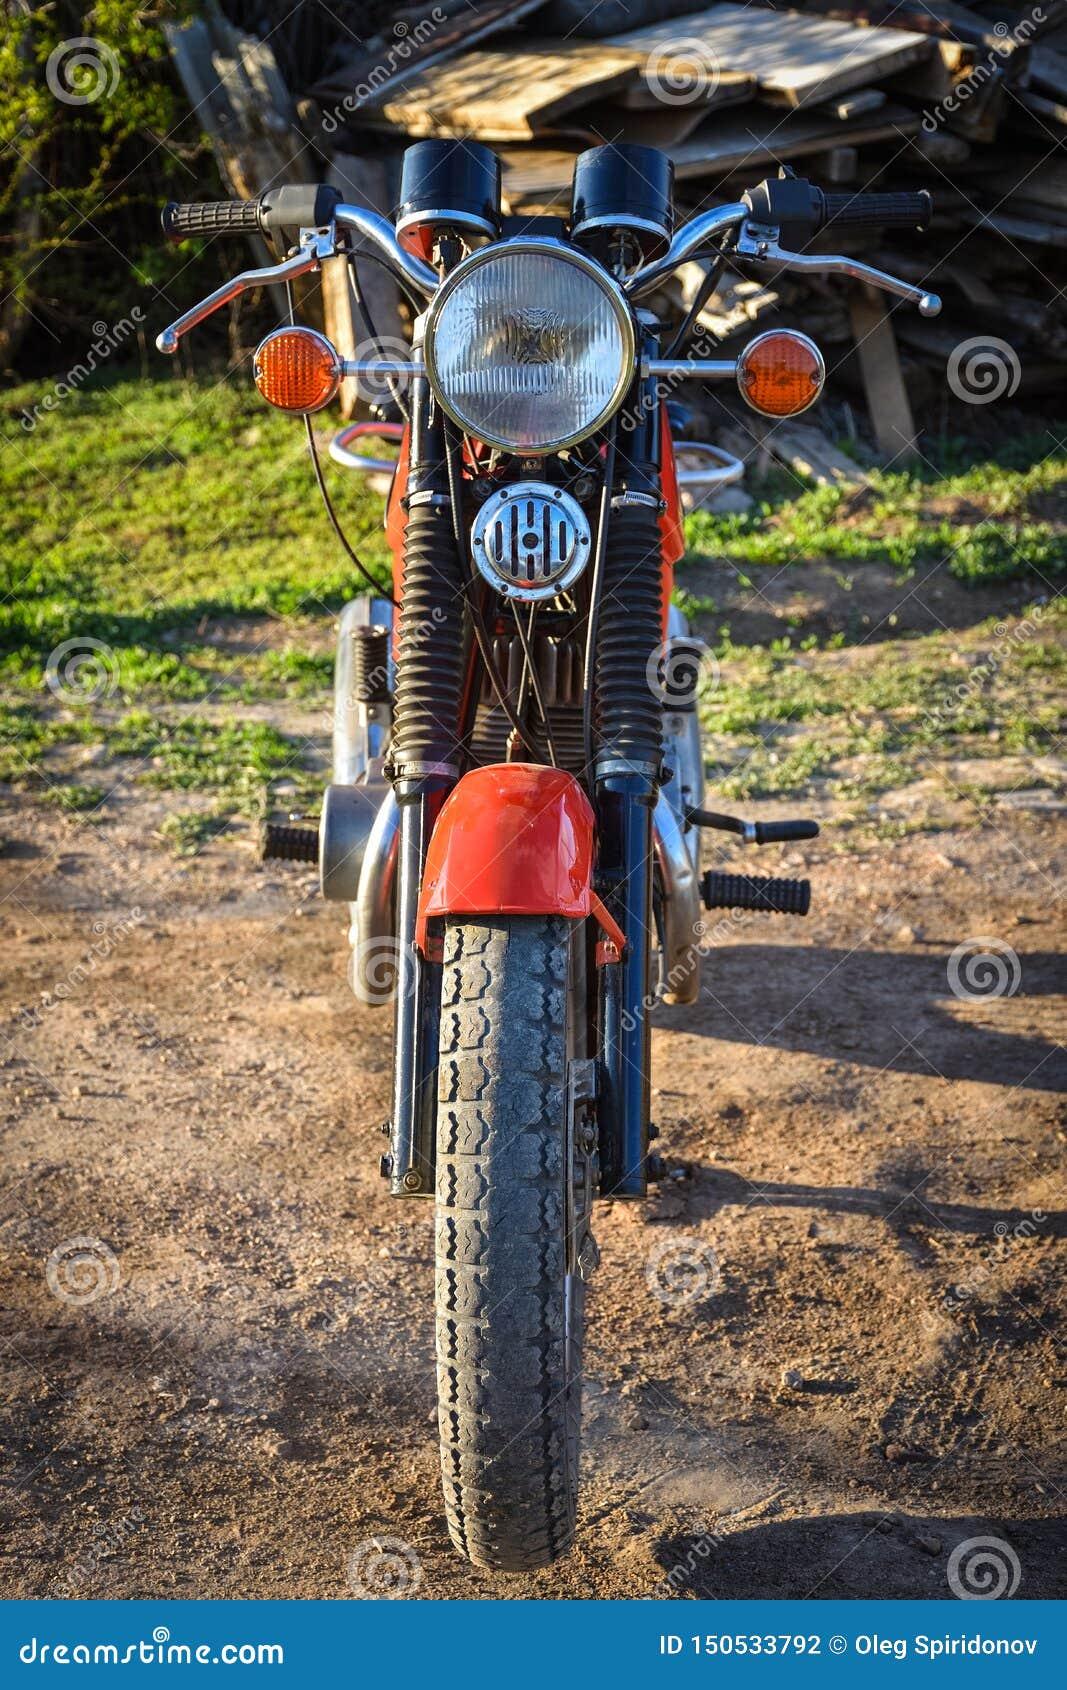 Voordeel van een uitstekende motorfiets, rode fiets